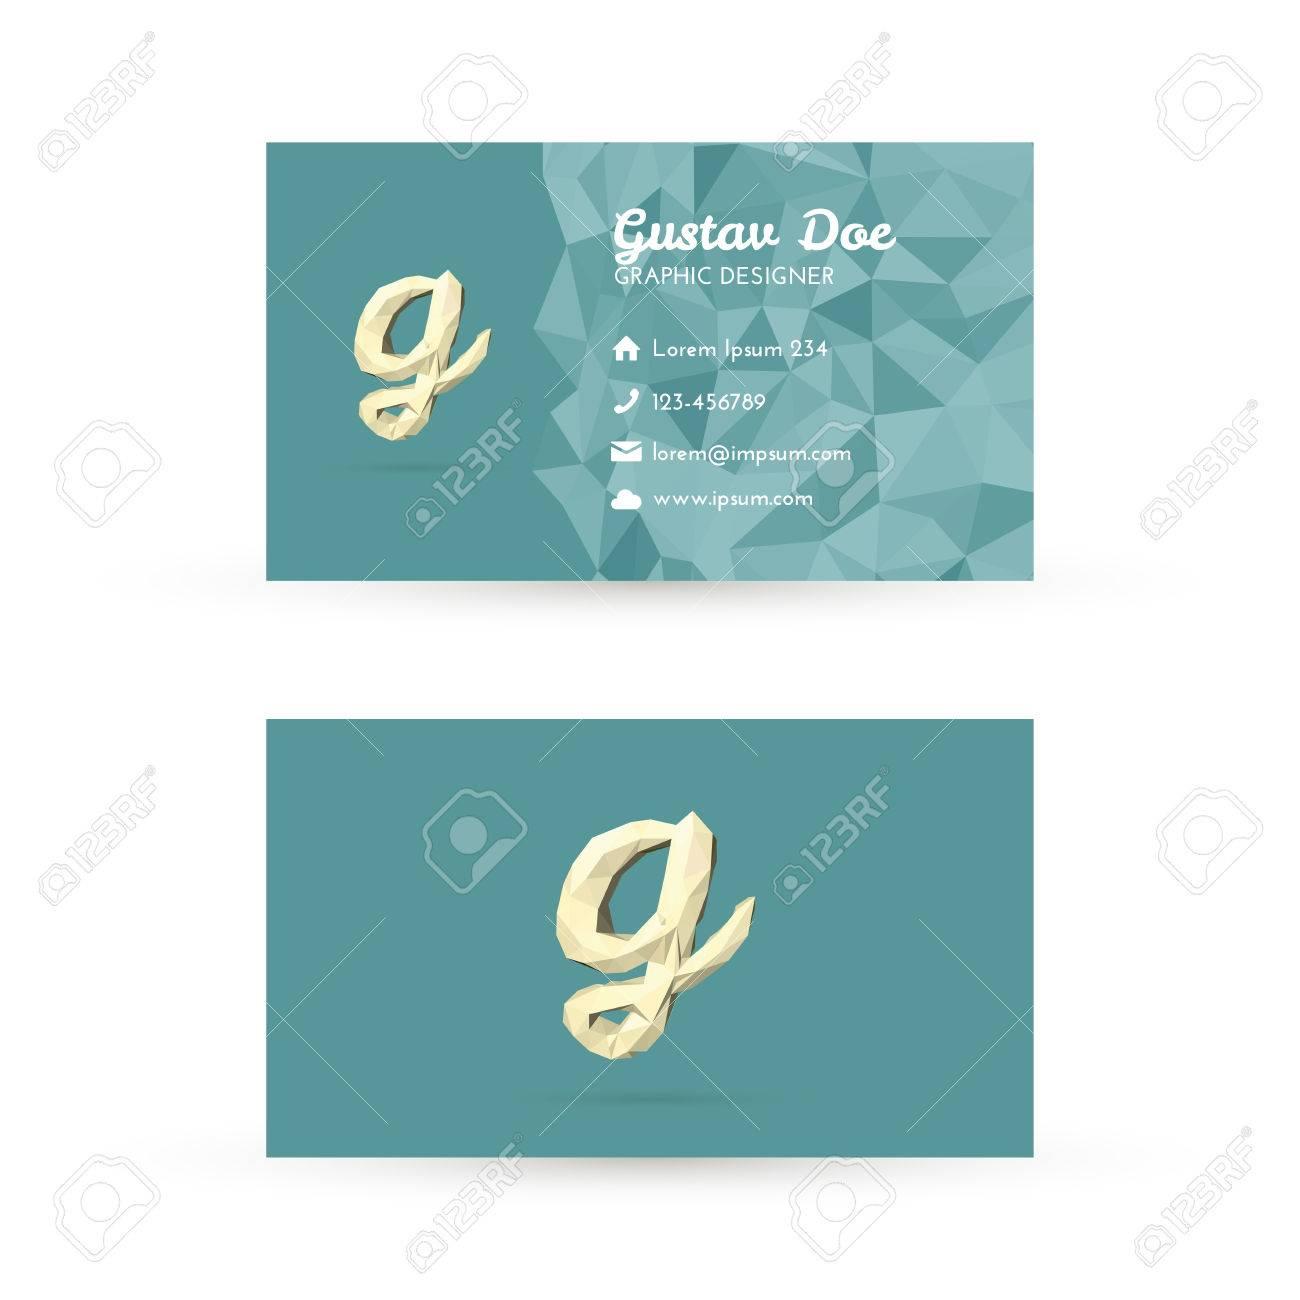 Modle Low Poly Carte De Visite Avec Initiales Lettre G